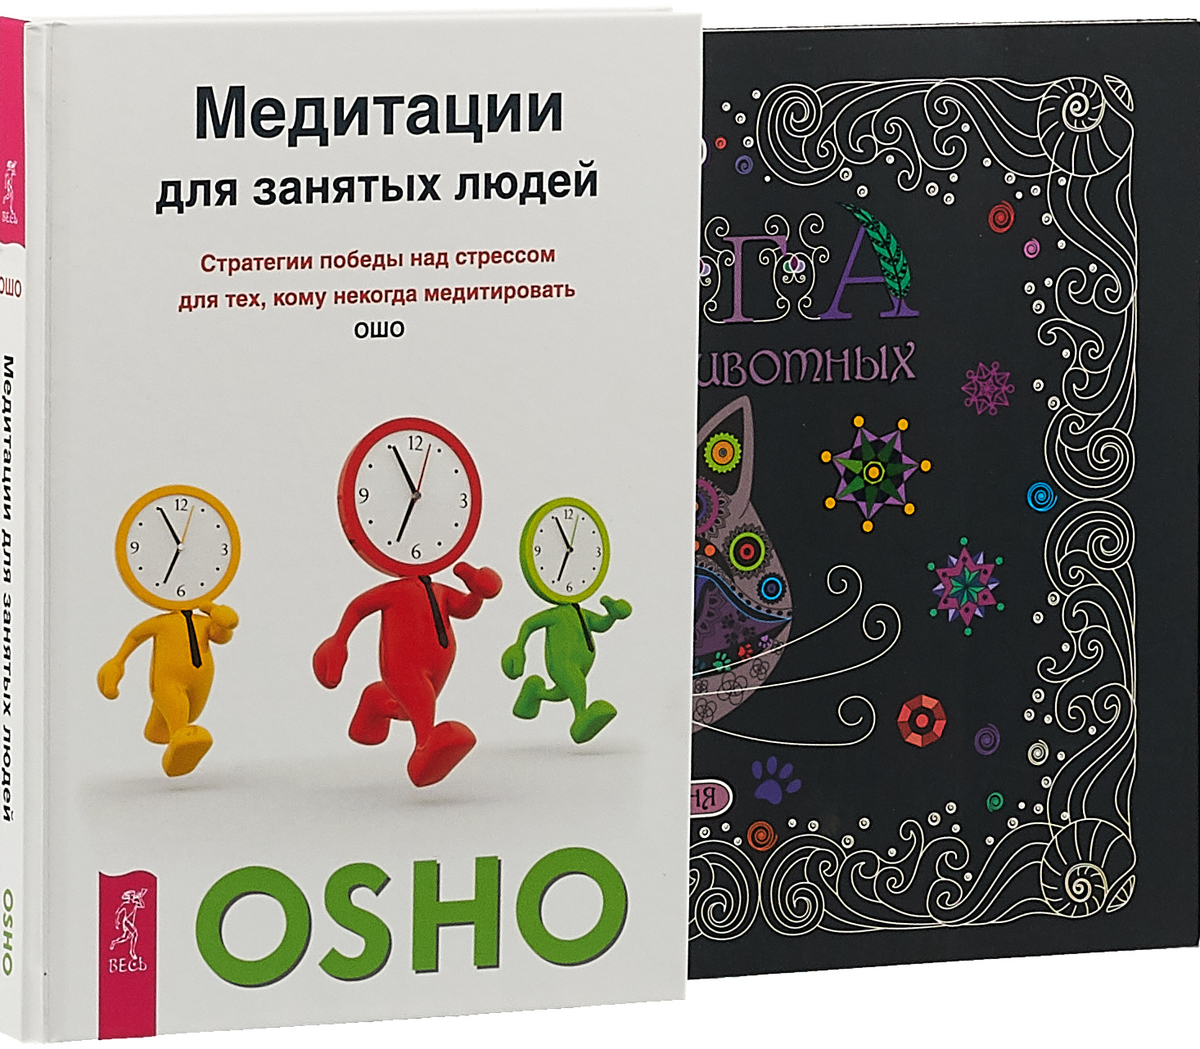 Ошо Книга волшебных животных. Книга волшебных растений. Медитации для занятых (комплект из 3 книг) книга книг